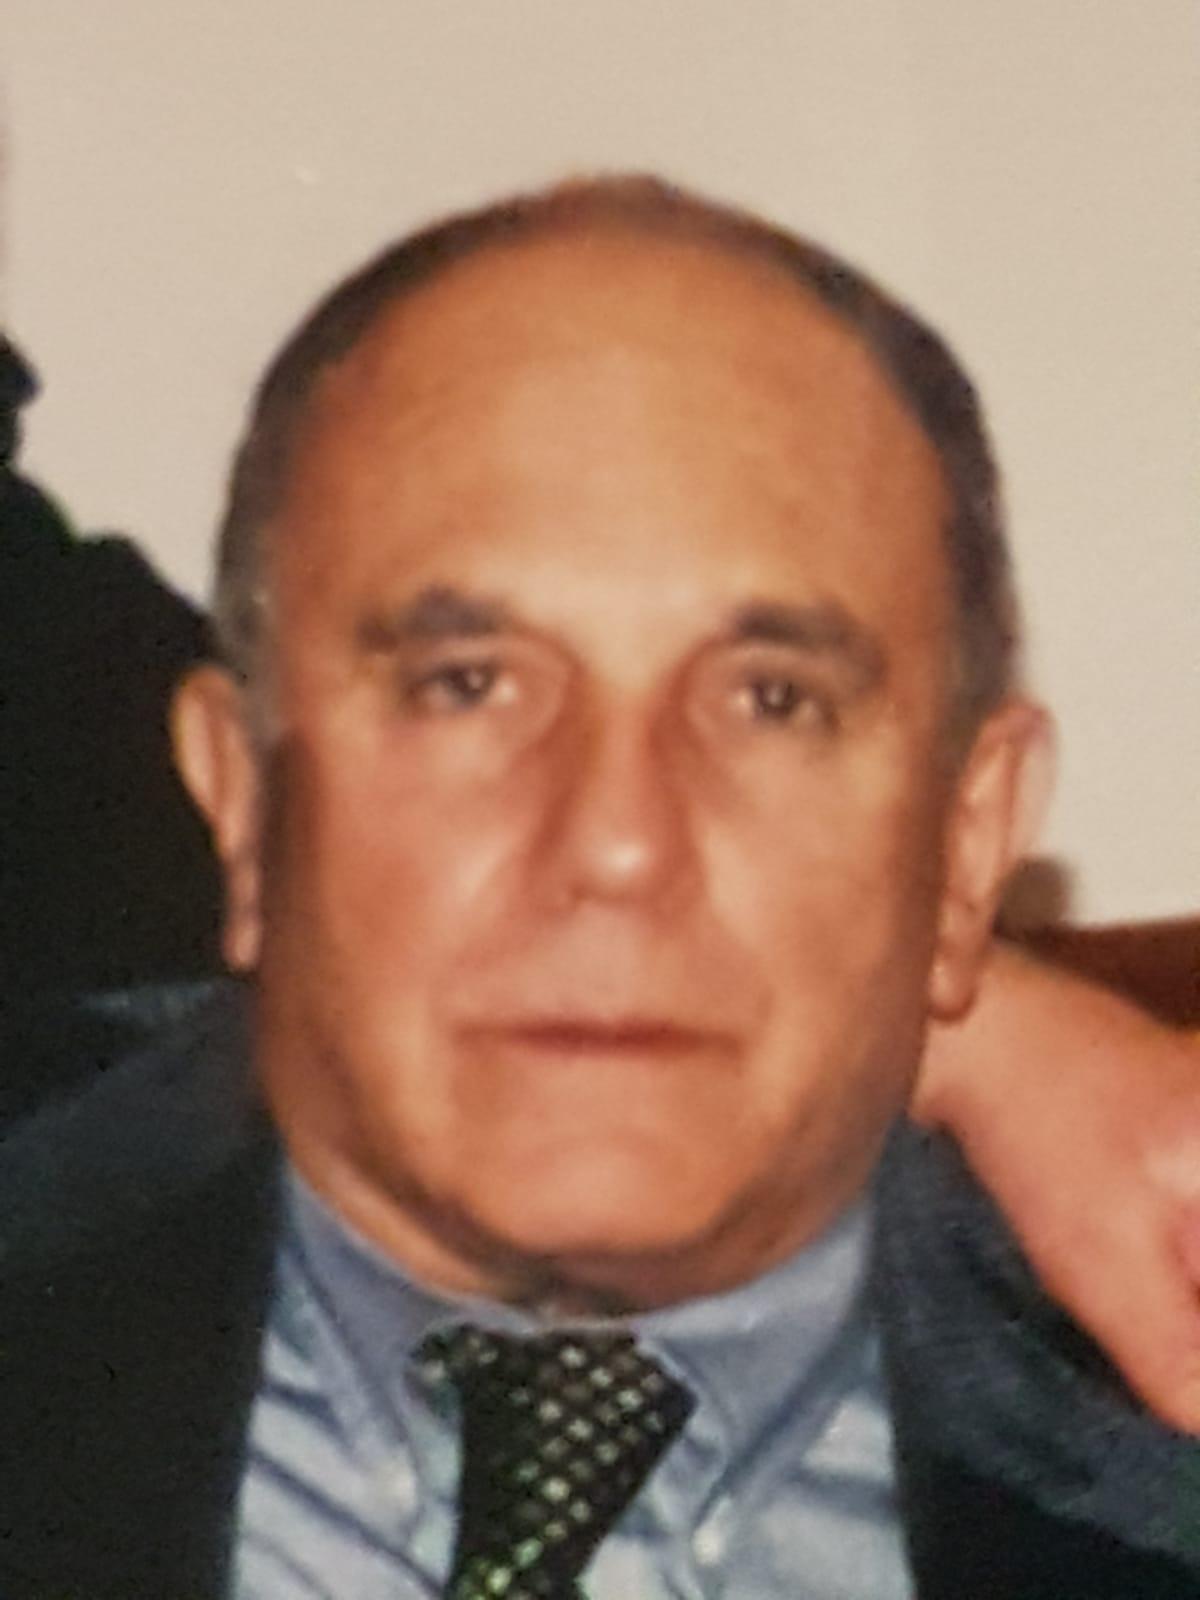 Addio a Marcello Russo: la sua ultima partecipazione in Consiglio comunale